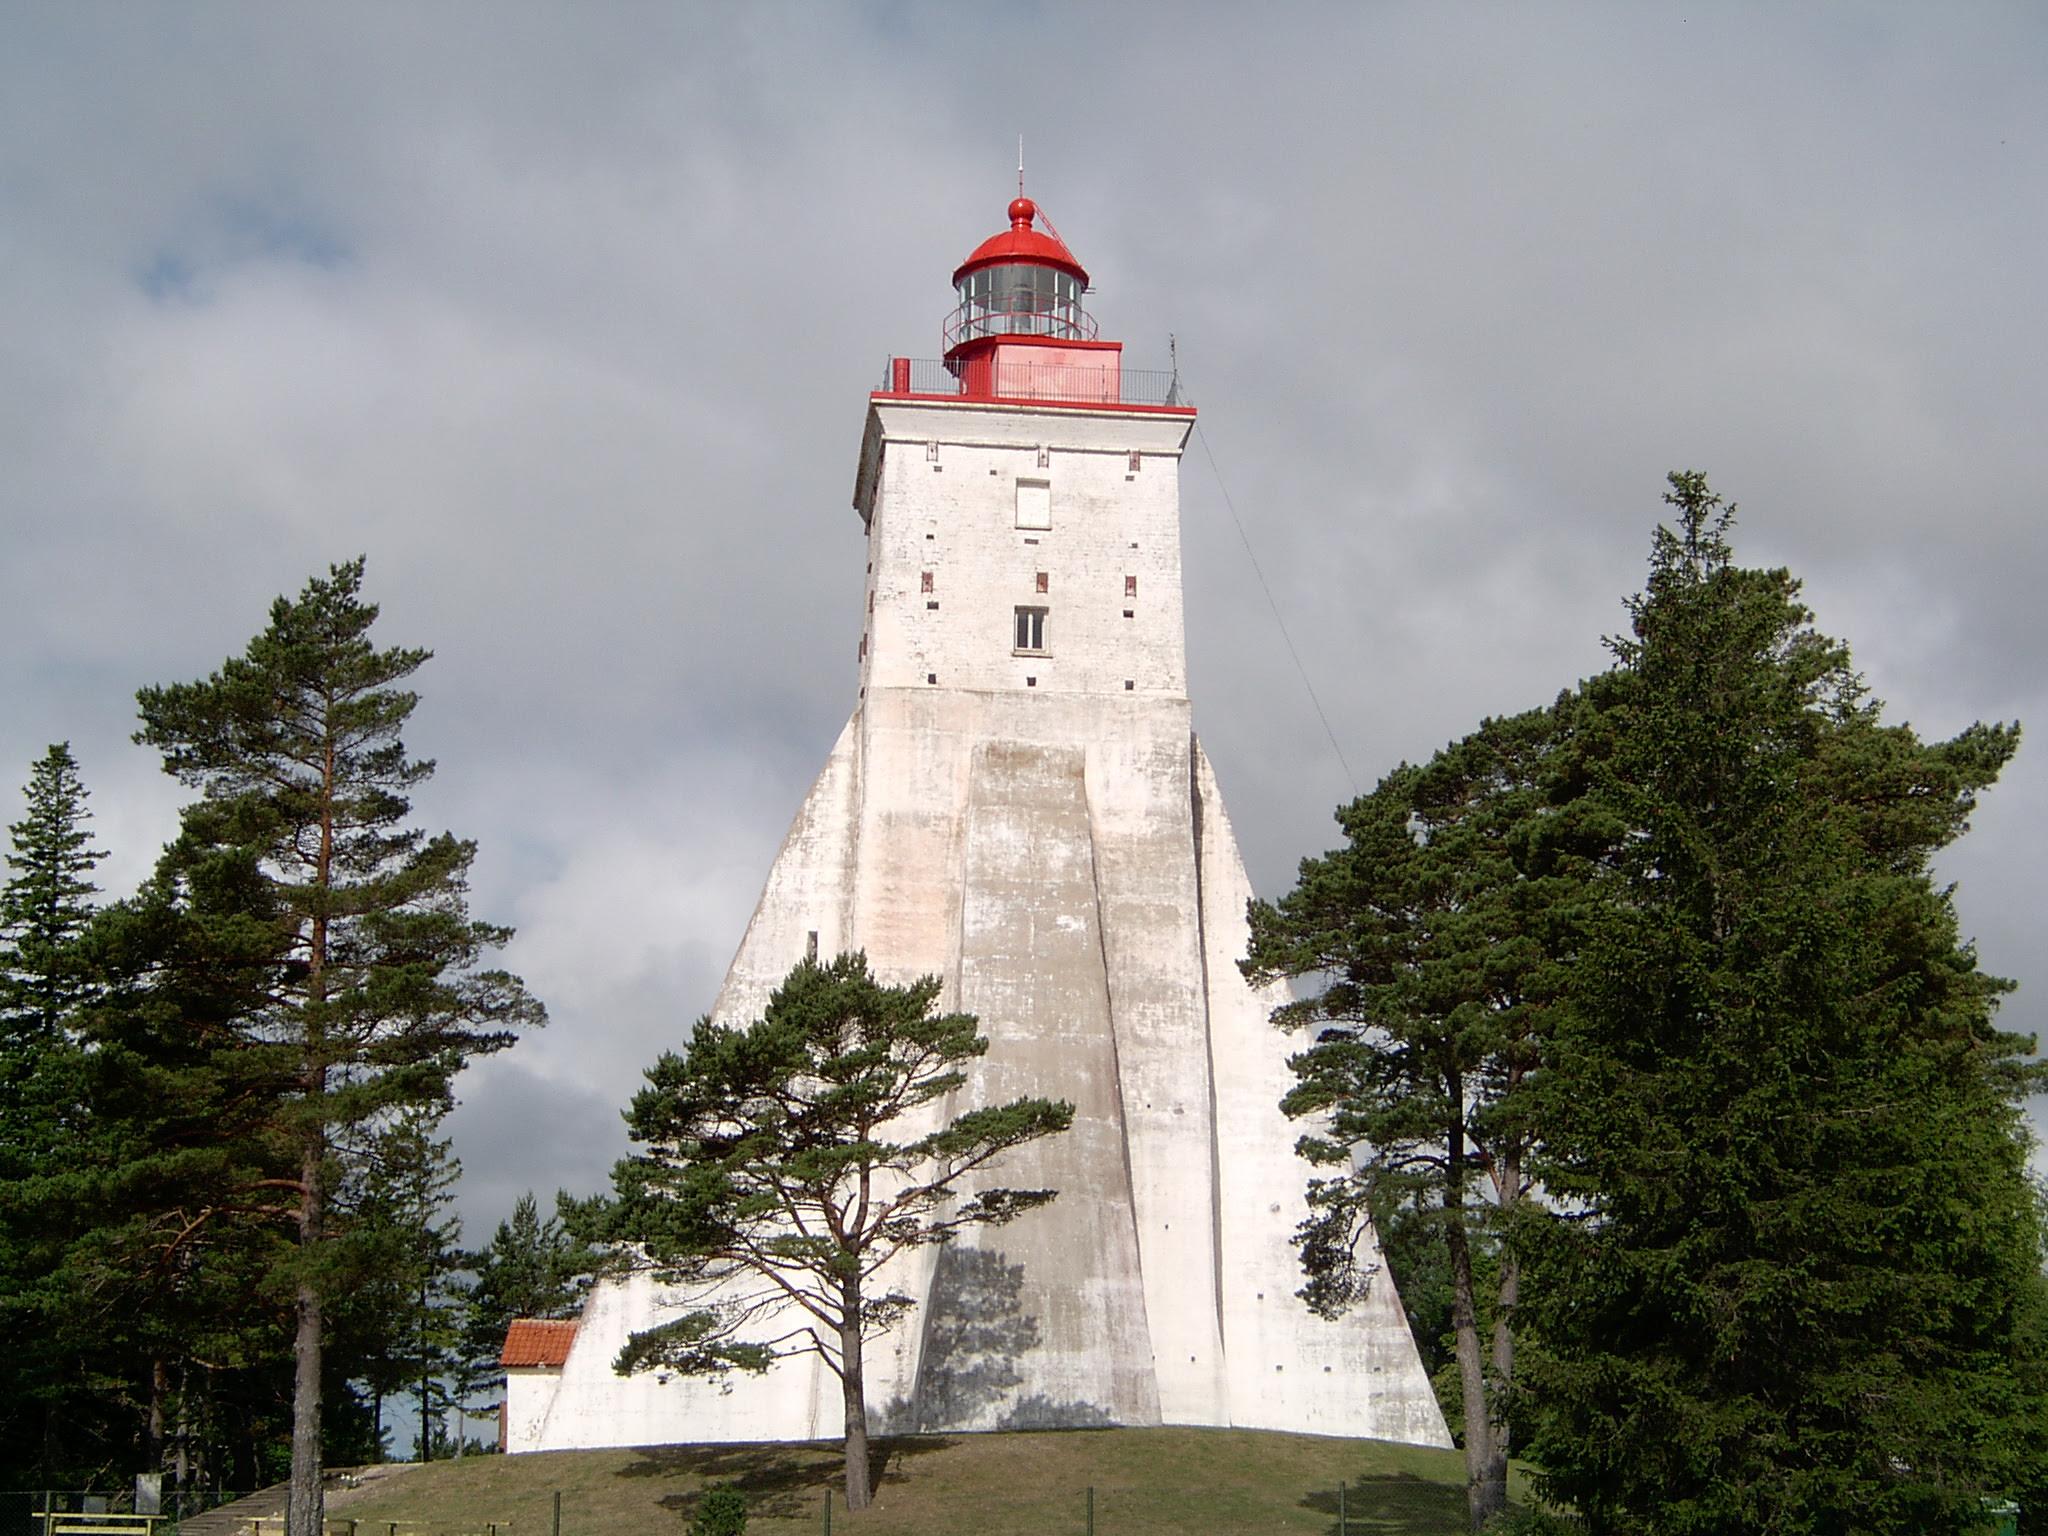 http://upload.wikimedia.org/wikipedia/commons/8/8e/K%C3%B5pu_lighthouse_2003.jpg